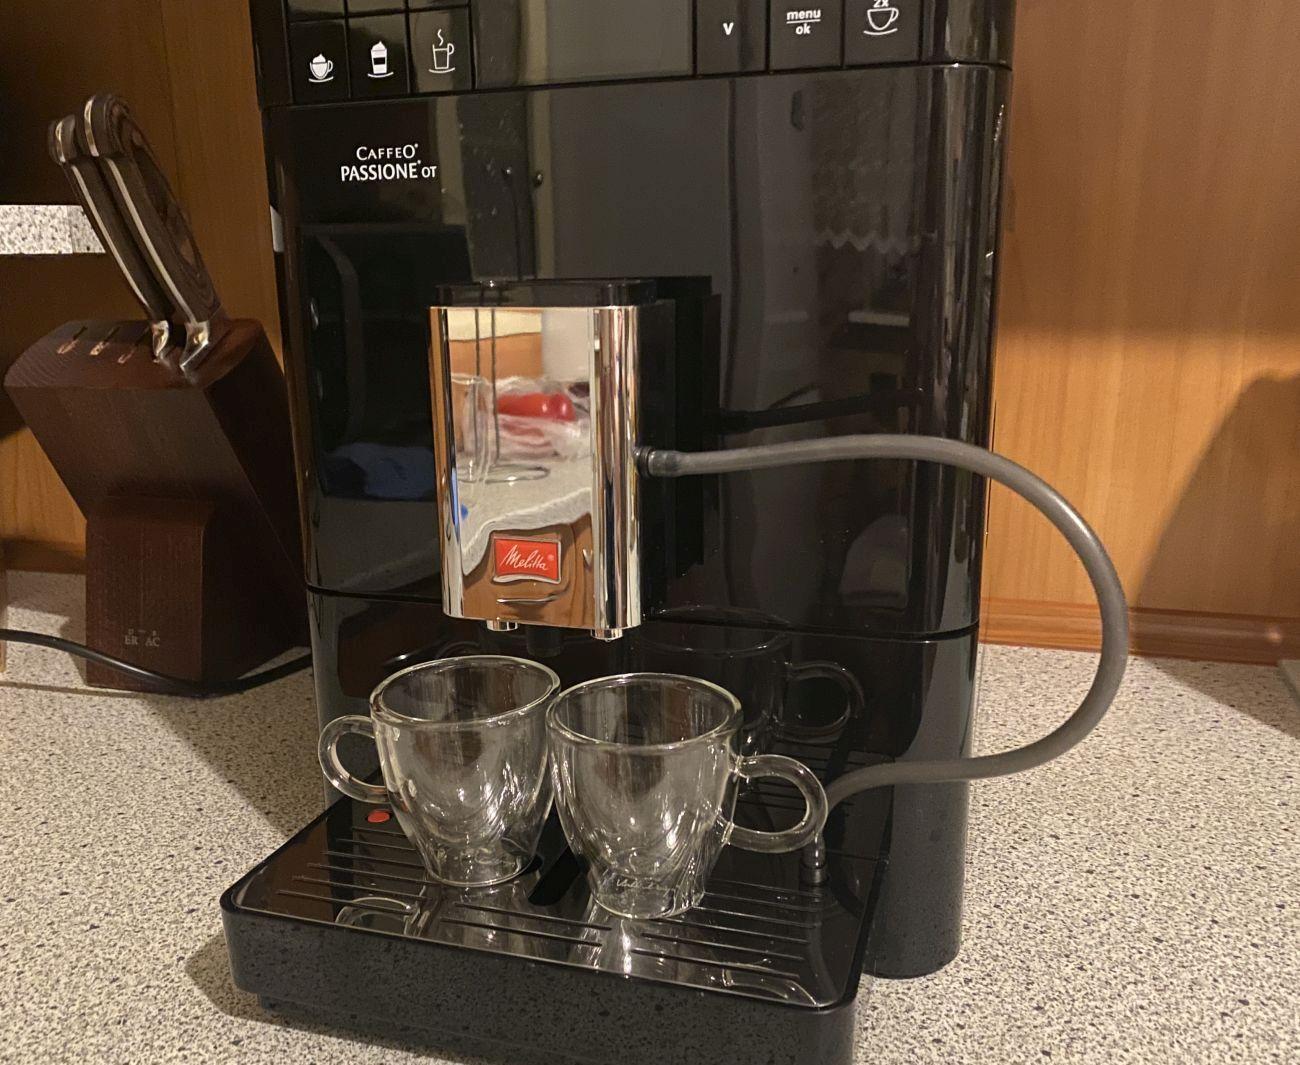 Melitta Passione OT F53/1-102 dozownik nad małymi szklankami do espresso